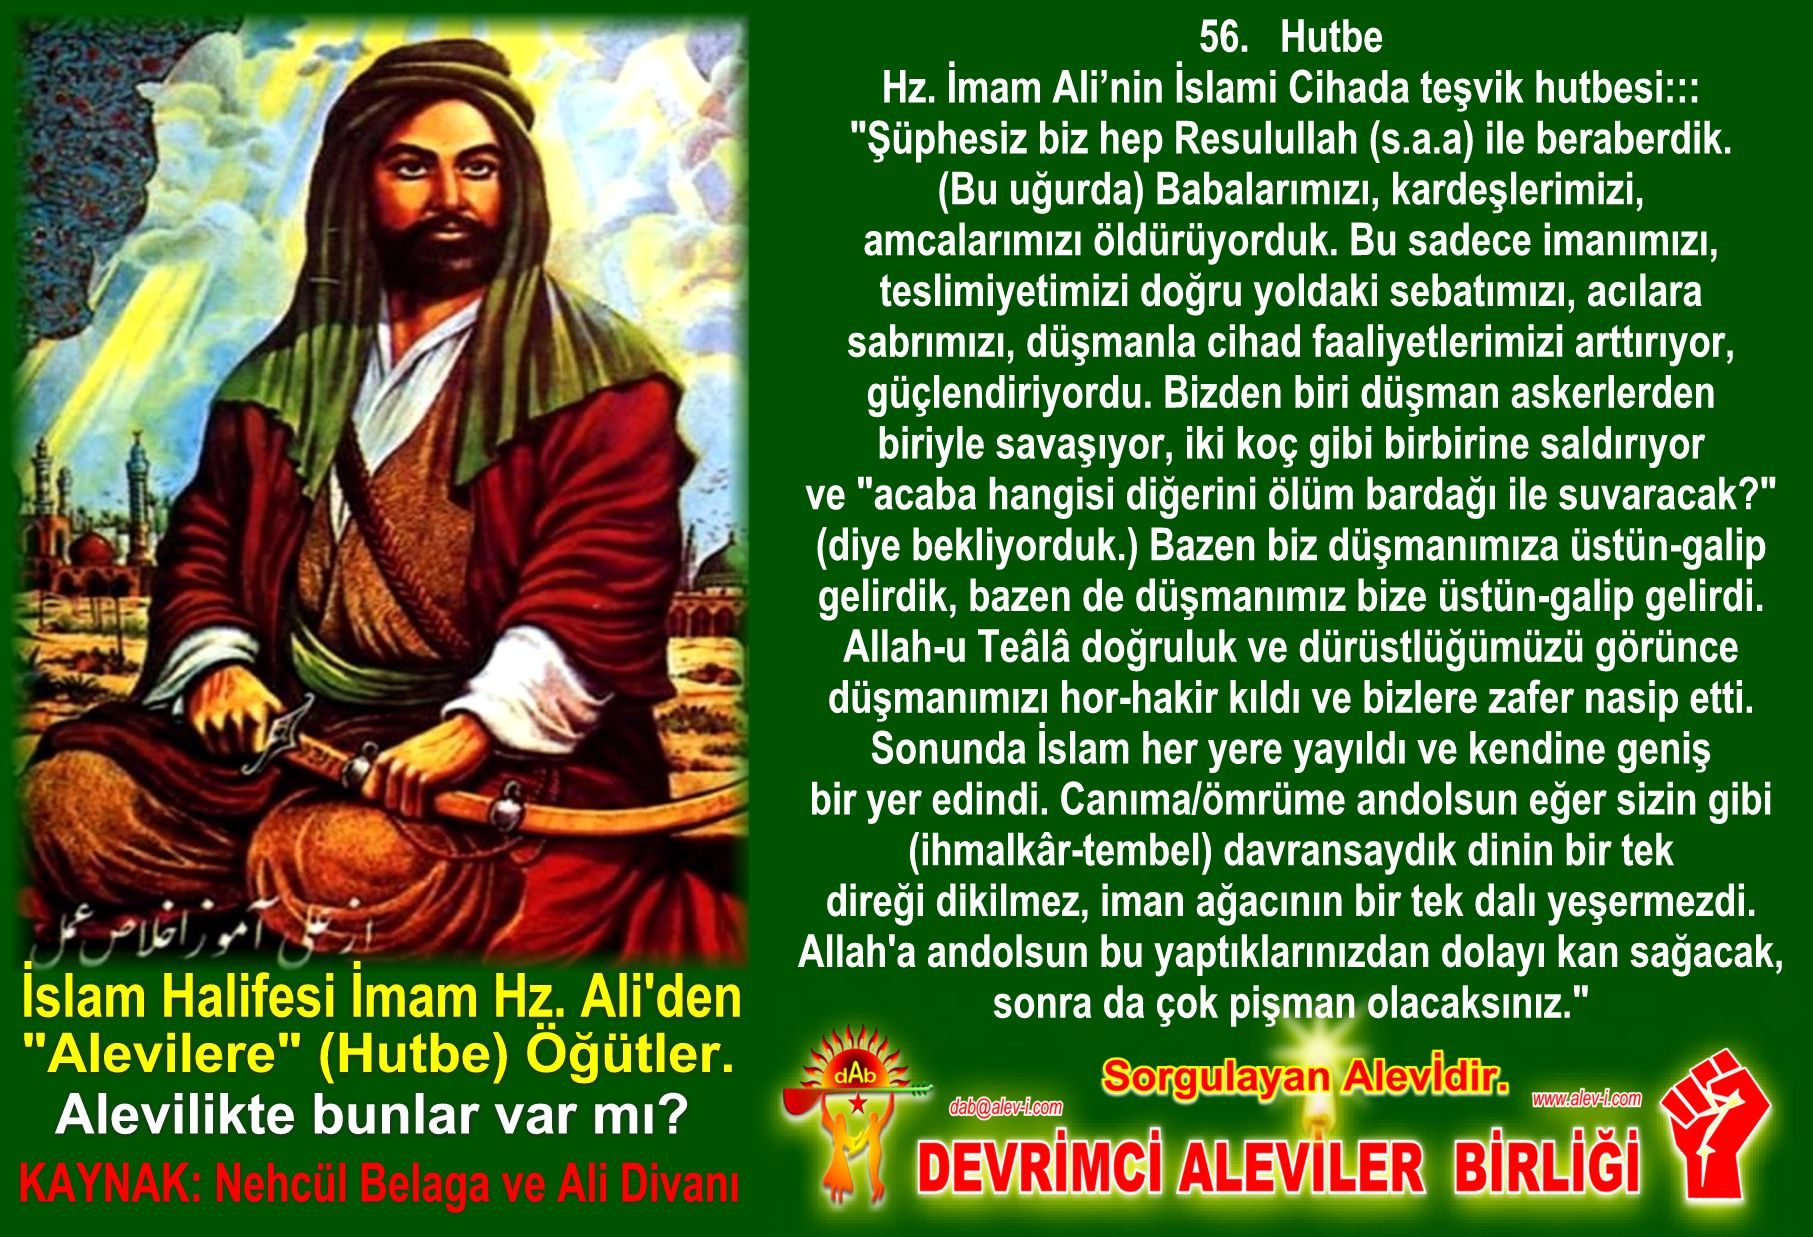 Devrimci Aleviler Birliği DAB Alevi Kızılbaş Bektaşi pir sultan cem hz Ali 12 imam semah Feramuz Şah Acar halife imam hz ali den hutbe ogut inciler 7